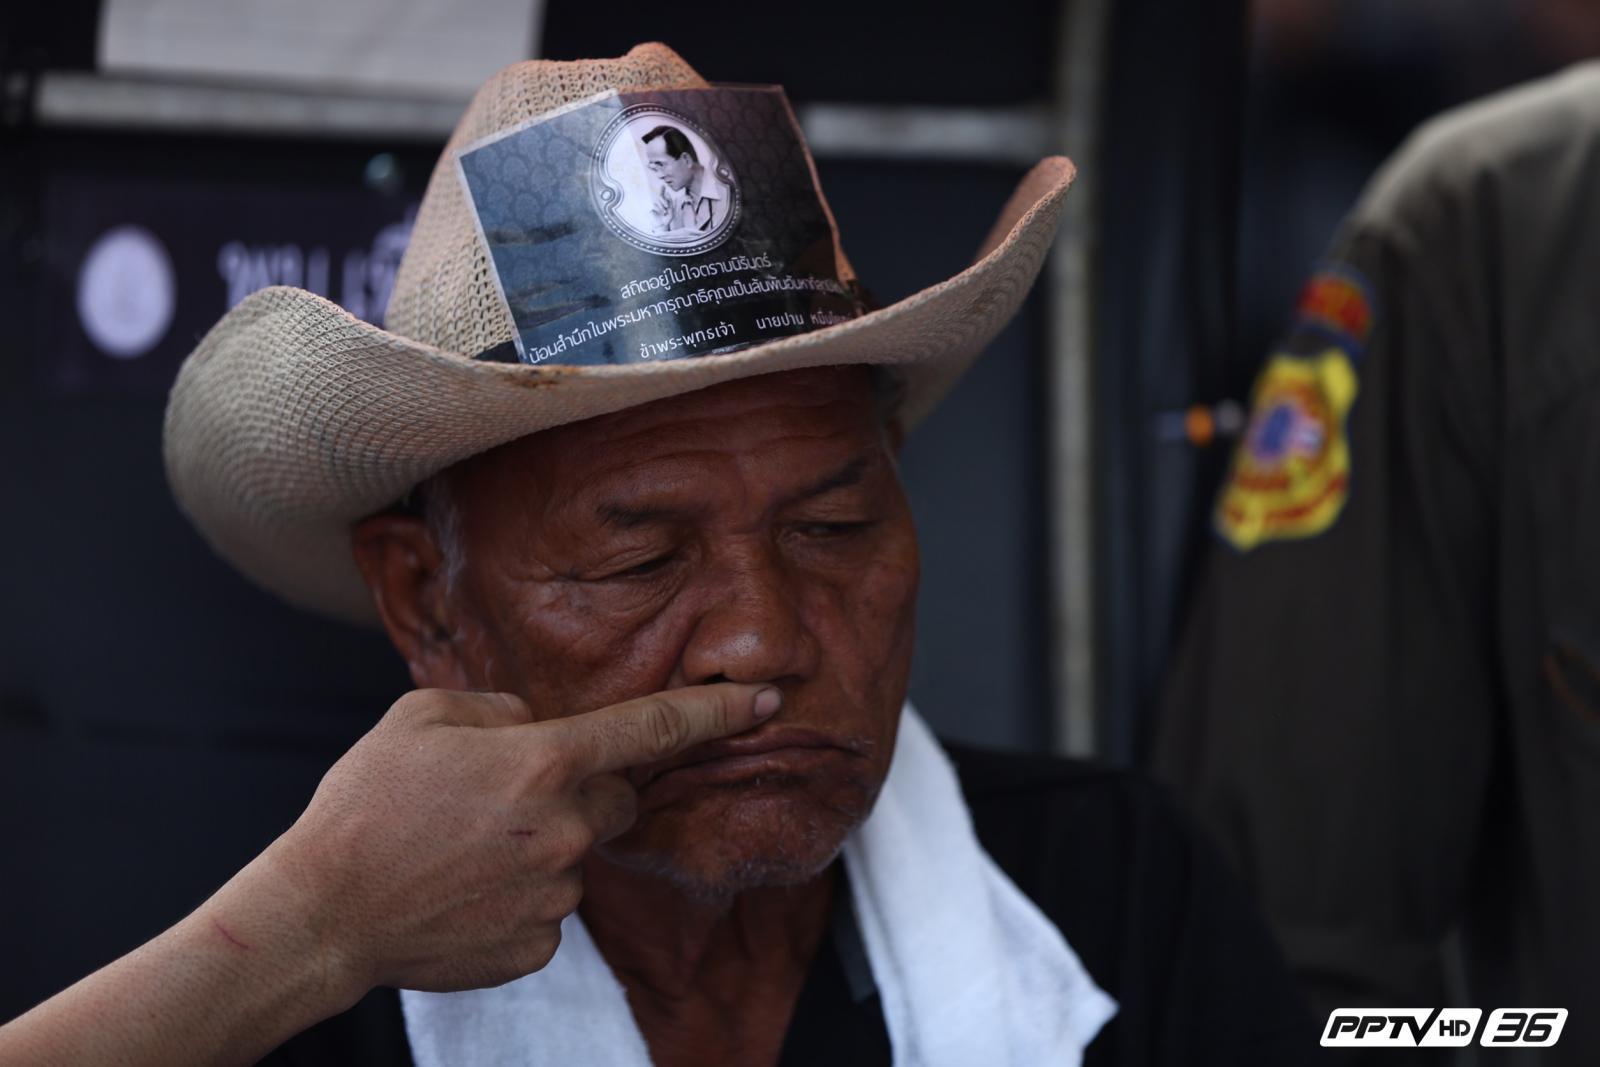 """""""ลุงปาน"""" ชายชราวัย 84 ปี โยกสามล้อพระราชทานมุ่งหน้าสนามหลวง"""